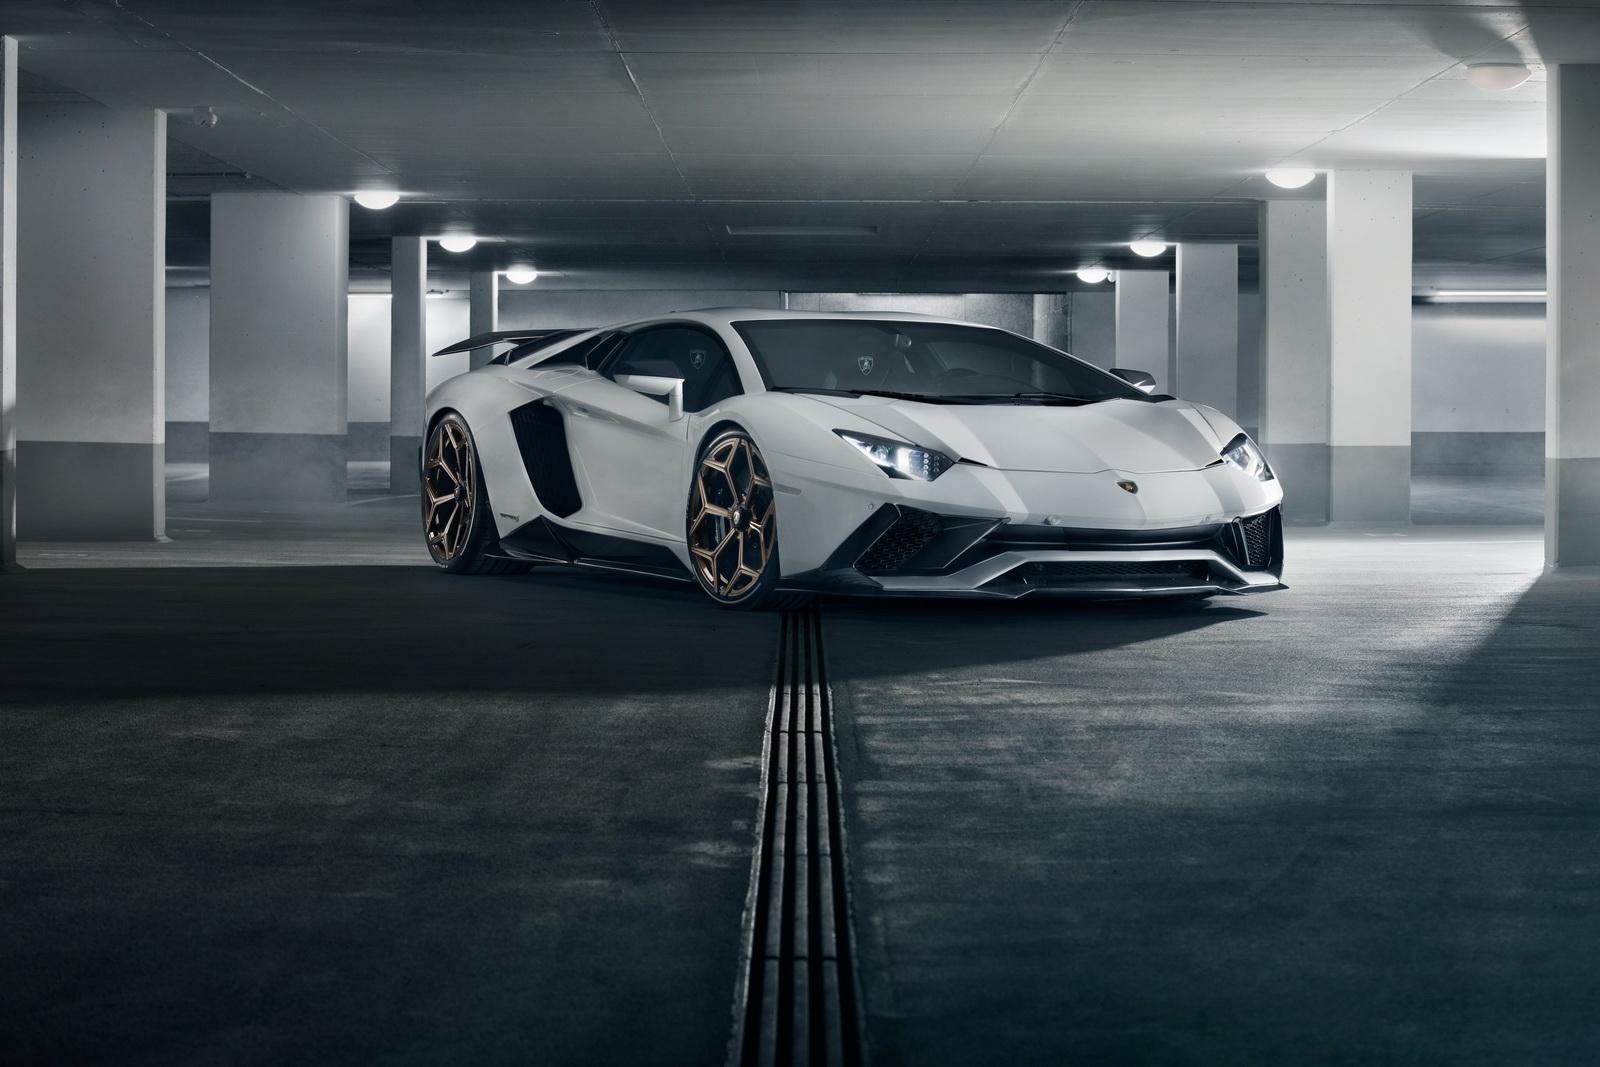 Lamborghini_Aventador_S_by_Novitec_0000